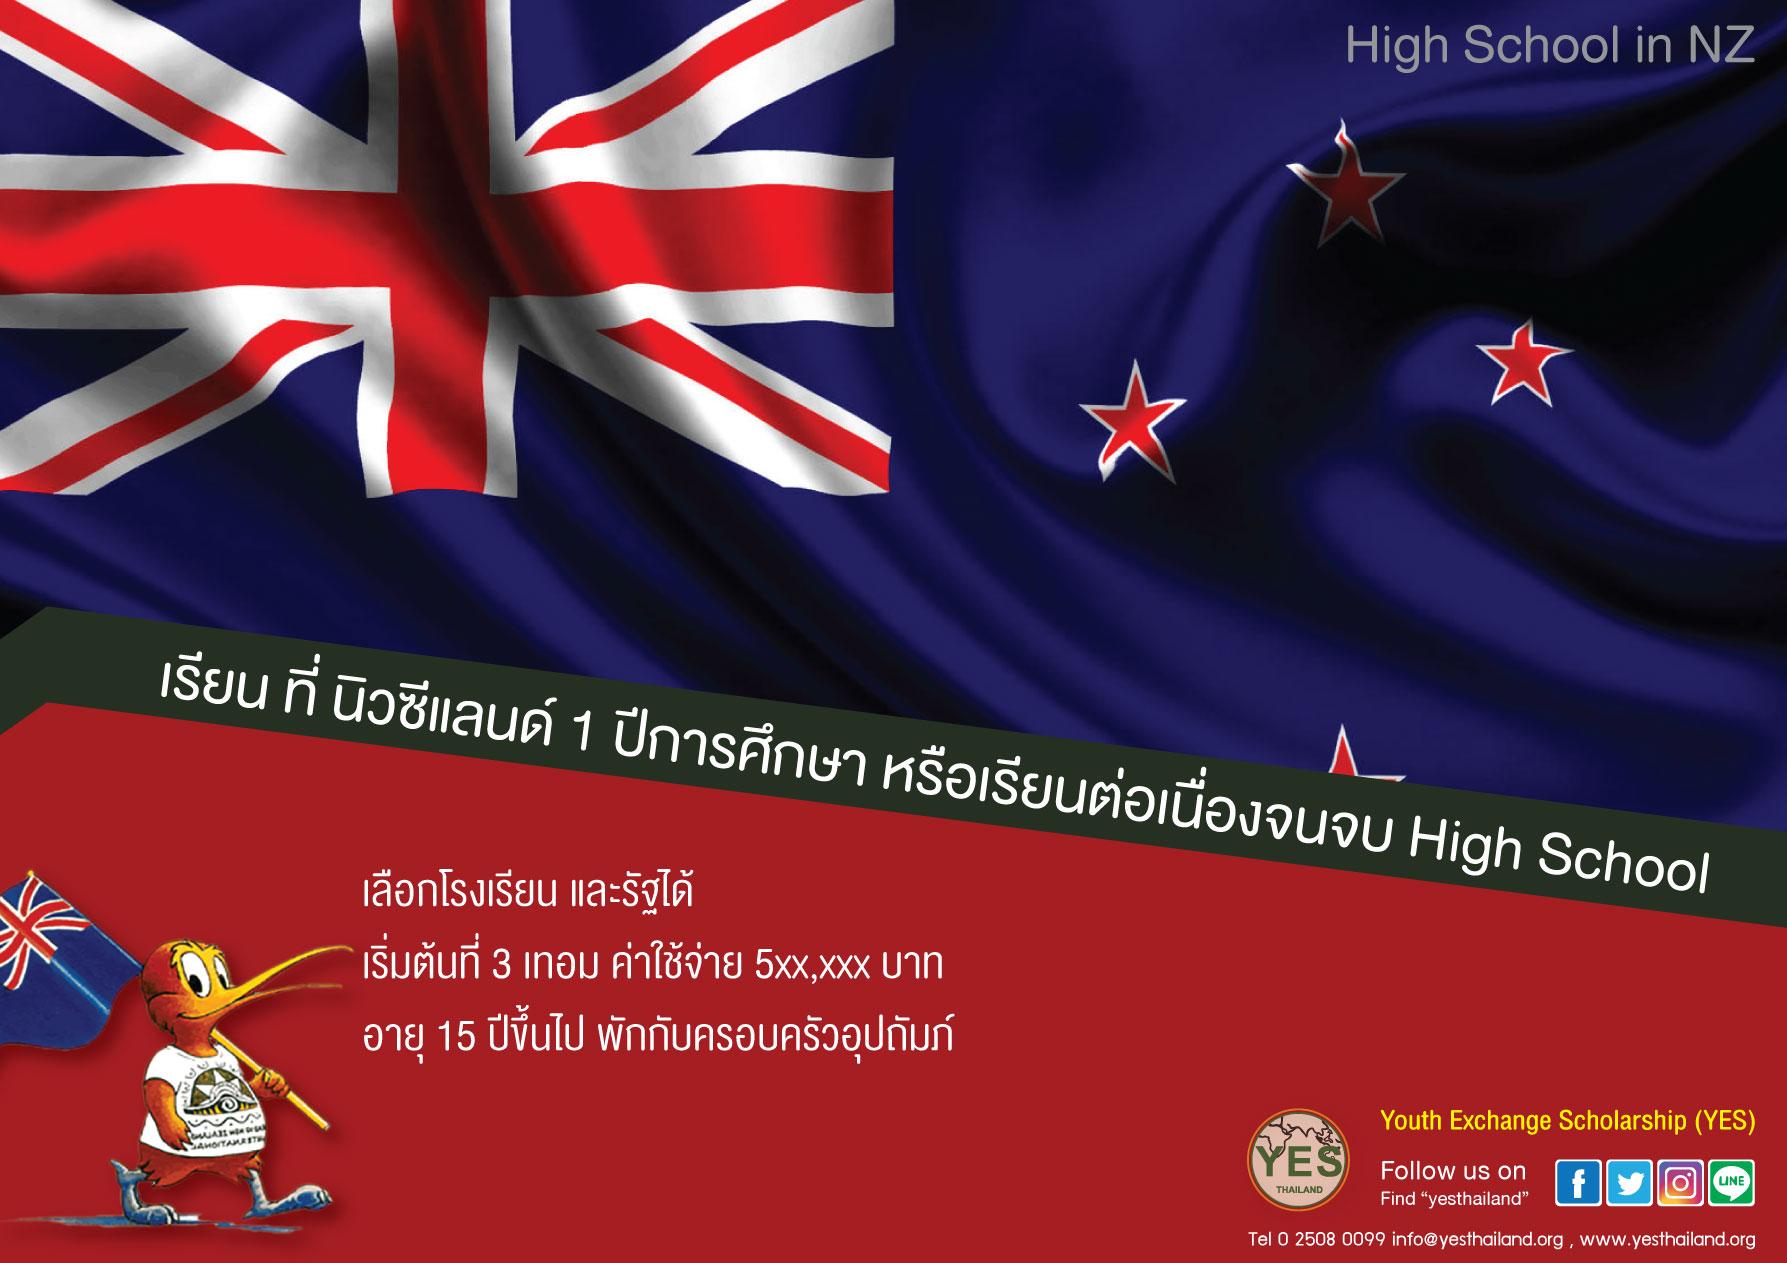 YES High School NZ